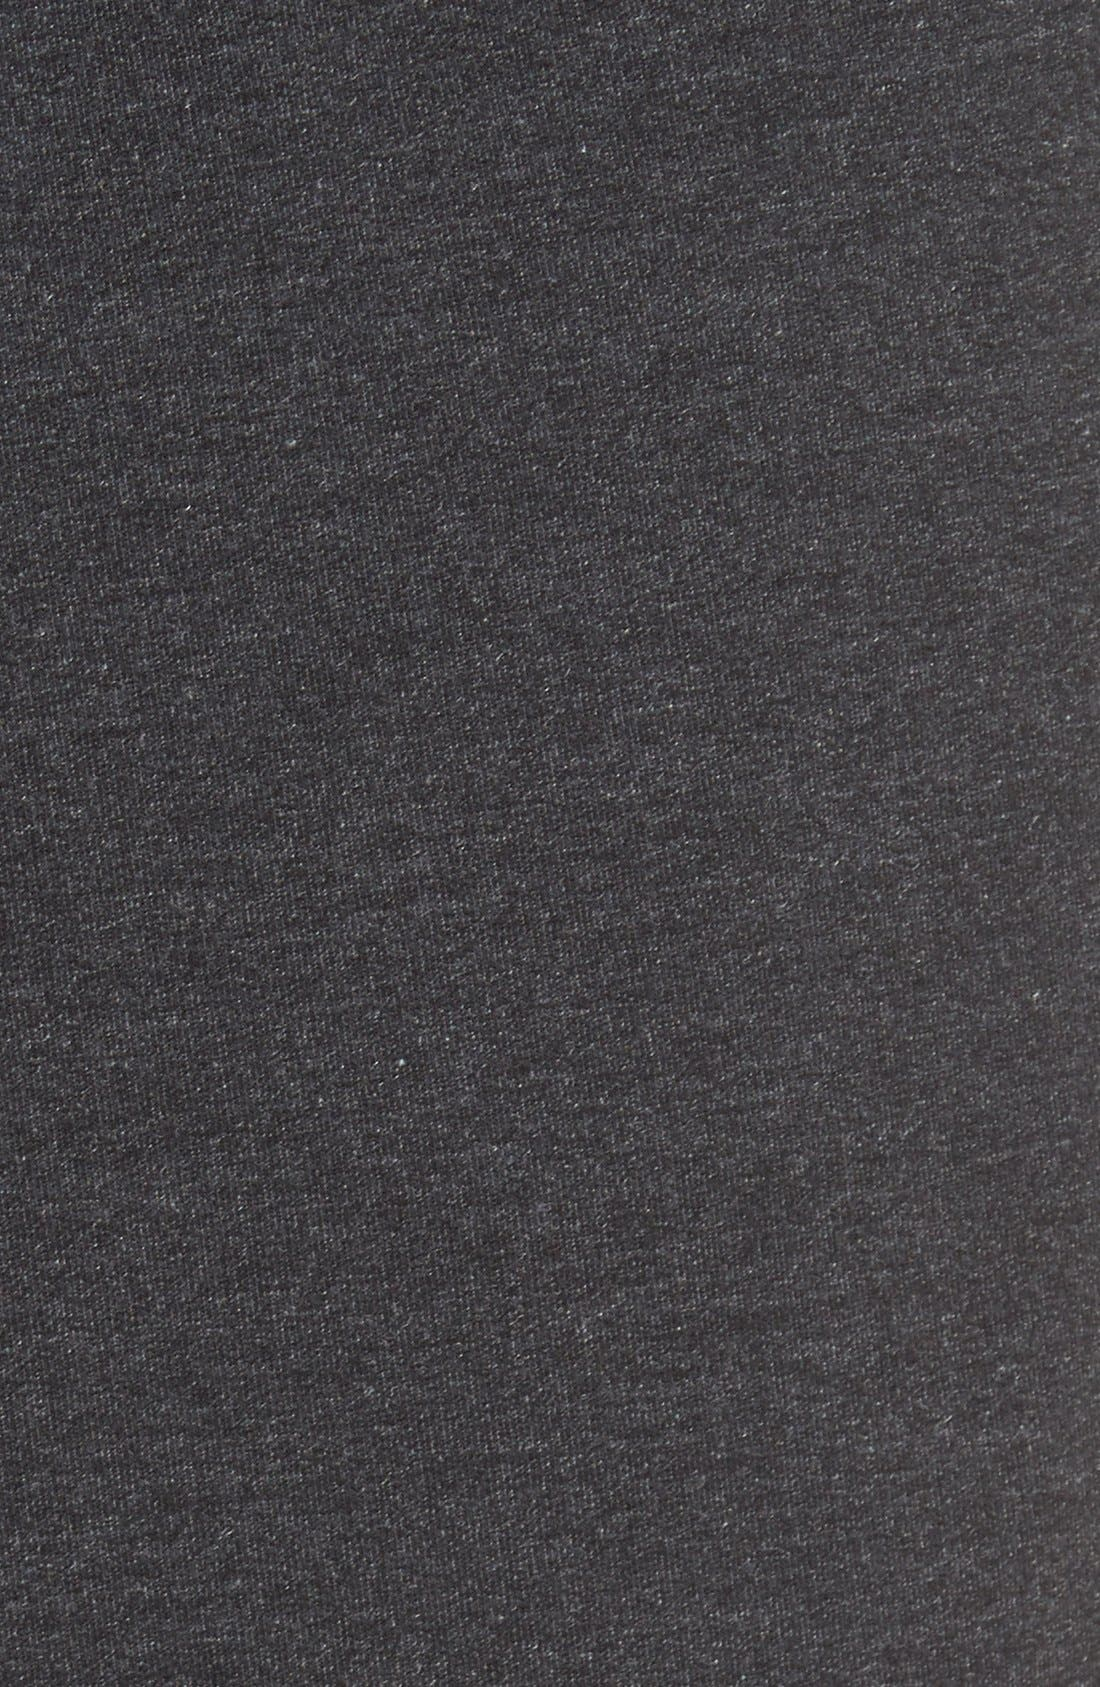 Dri-FIT Fleece Training Pants,                             Alternate thumbnail 5, color,                             Black/ Black